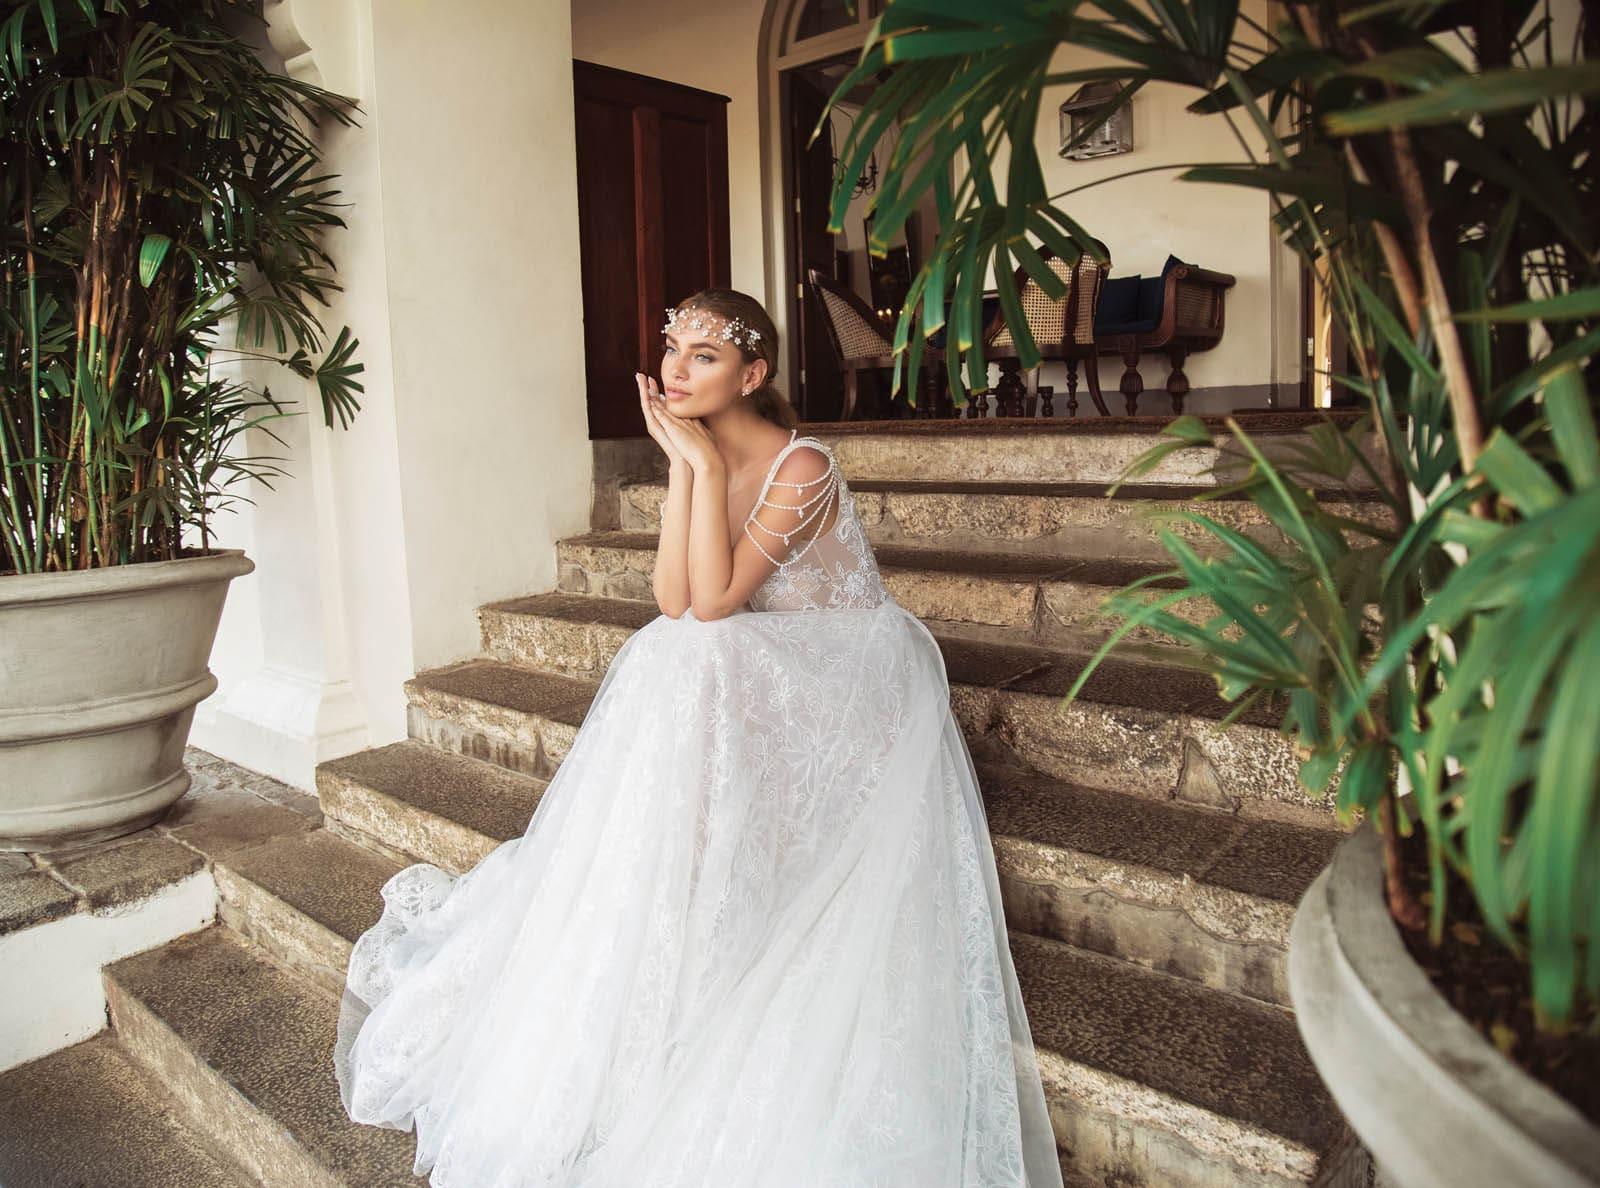 Открытое свадебное платье, по всей длине покрытое кружевом.